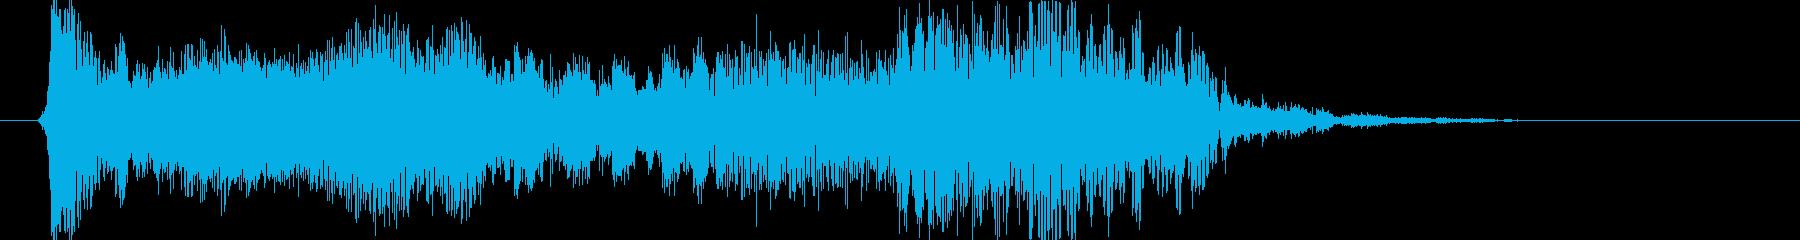 フィクション 電力装置 巻き取り03の再生済みの波形